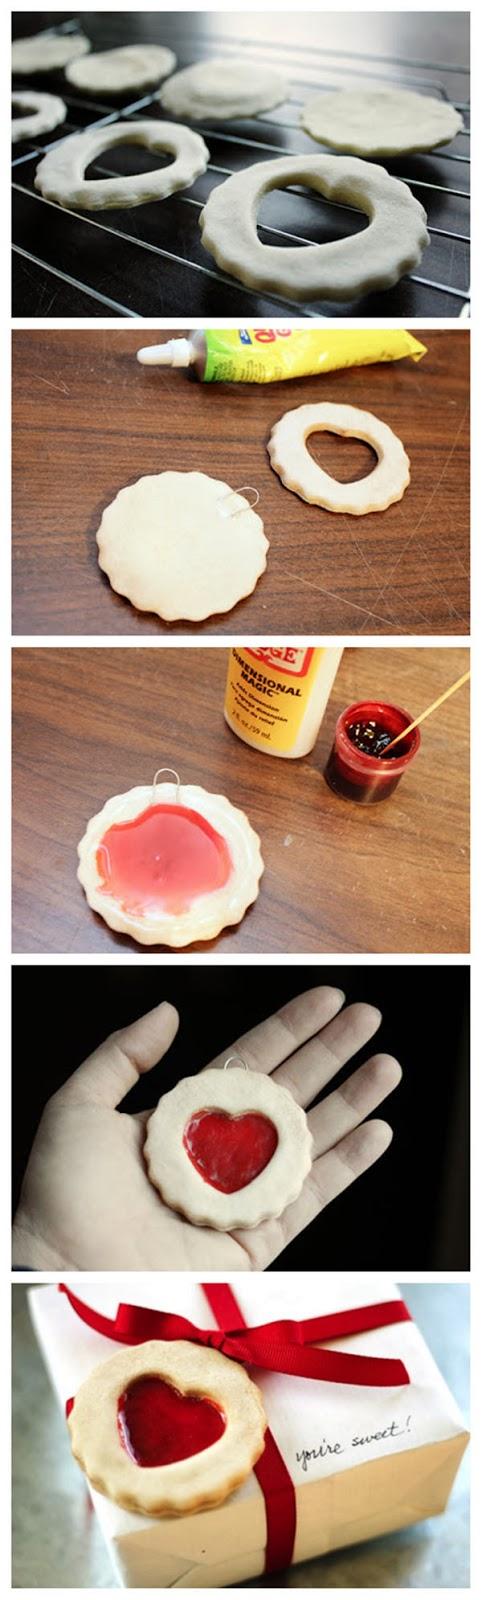 joybobo: Valentine's Day DIY gift tag | Arty art ...